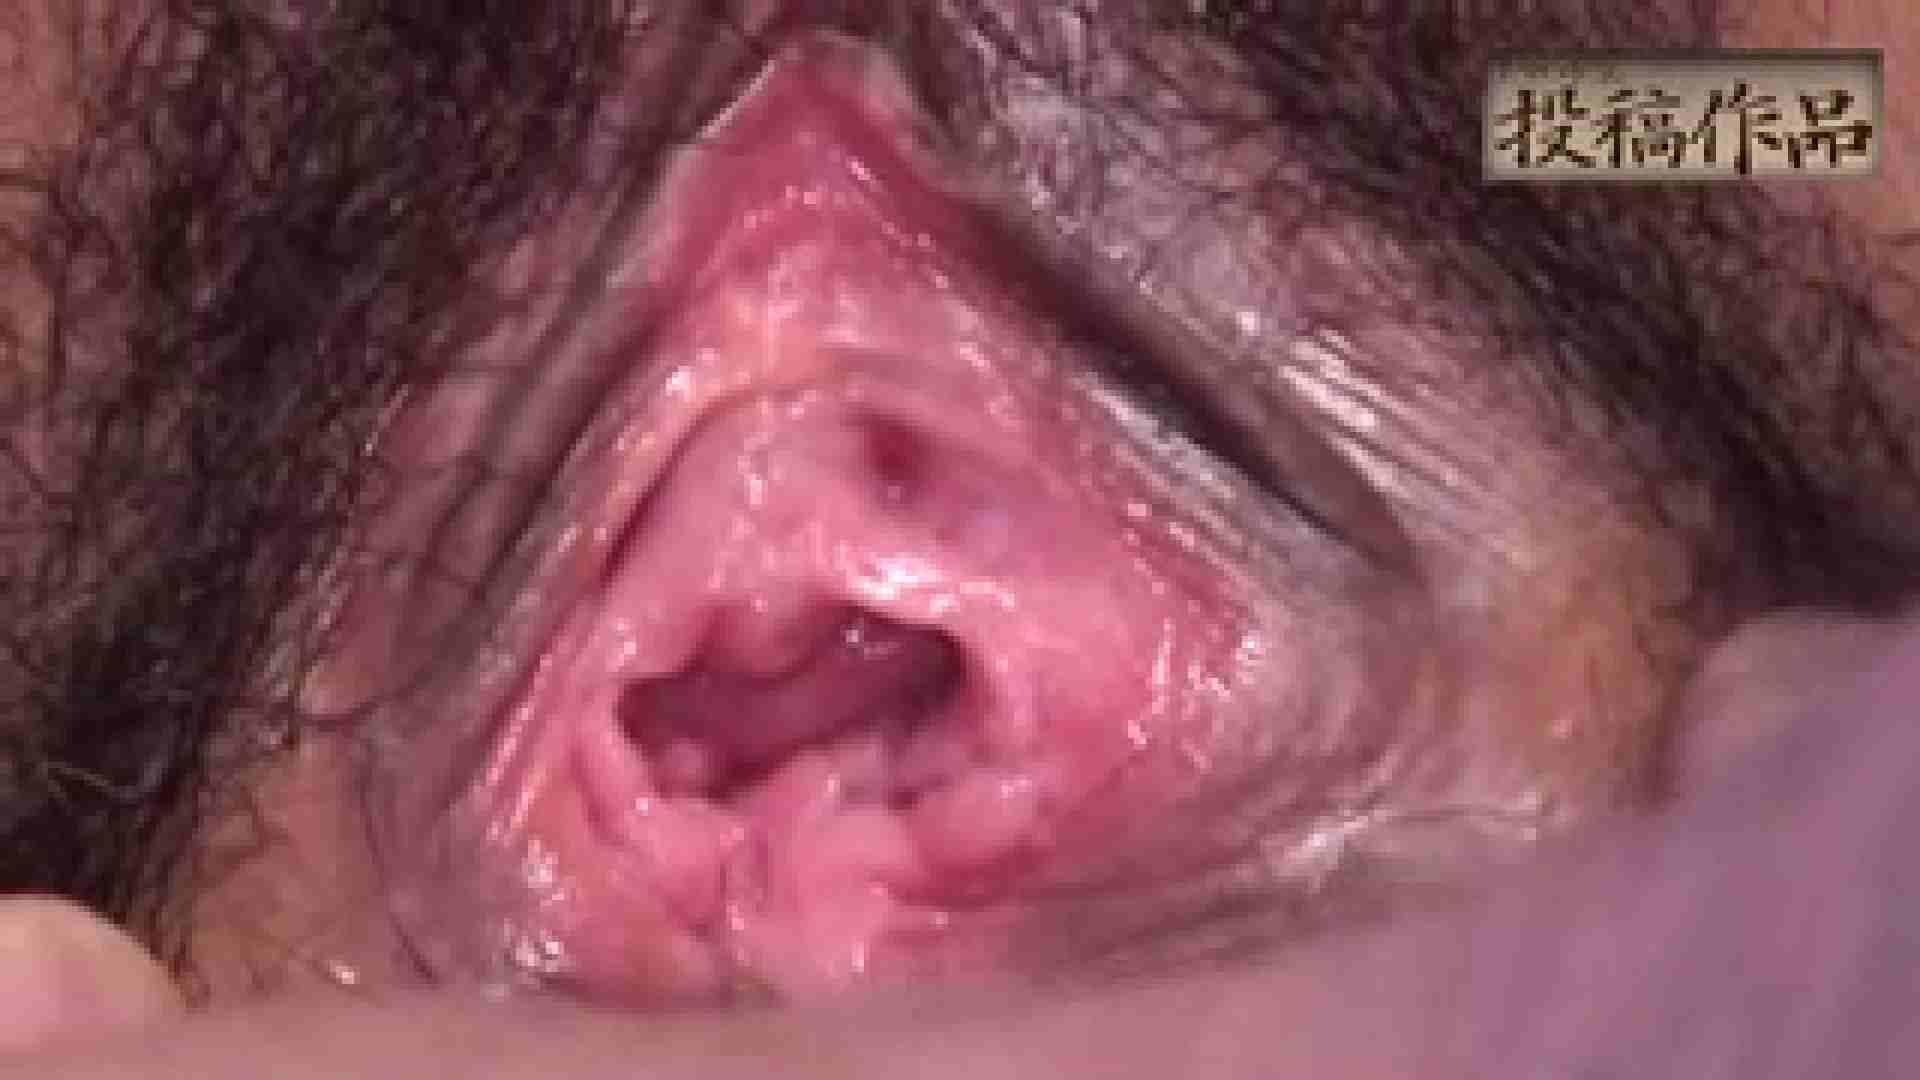 ナマハゲさんのまんこコレクション第3弾 chiri 一般投稿 | OLの裸事情  110枚 63